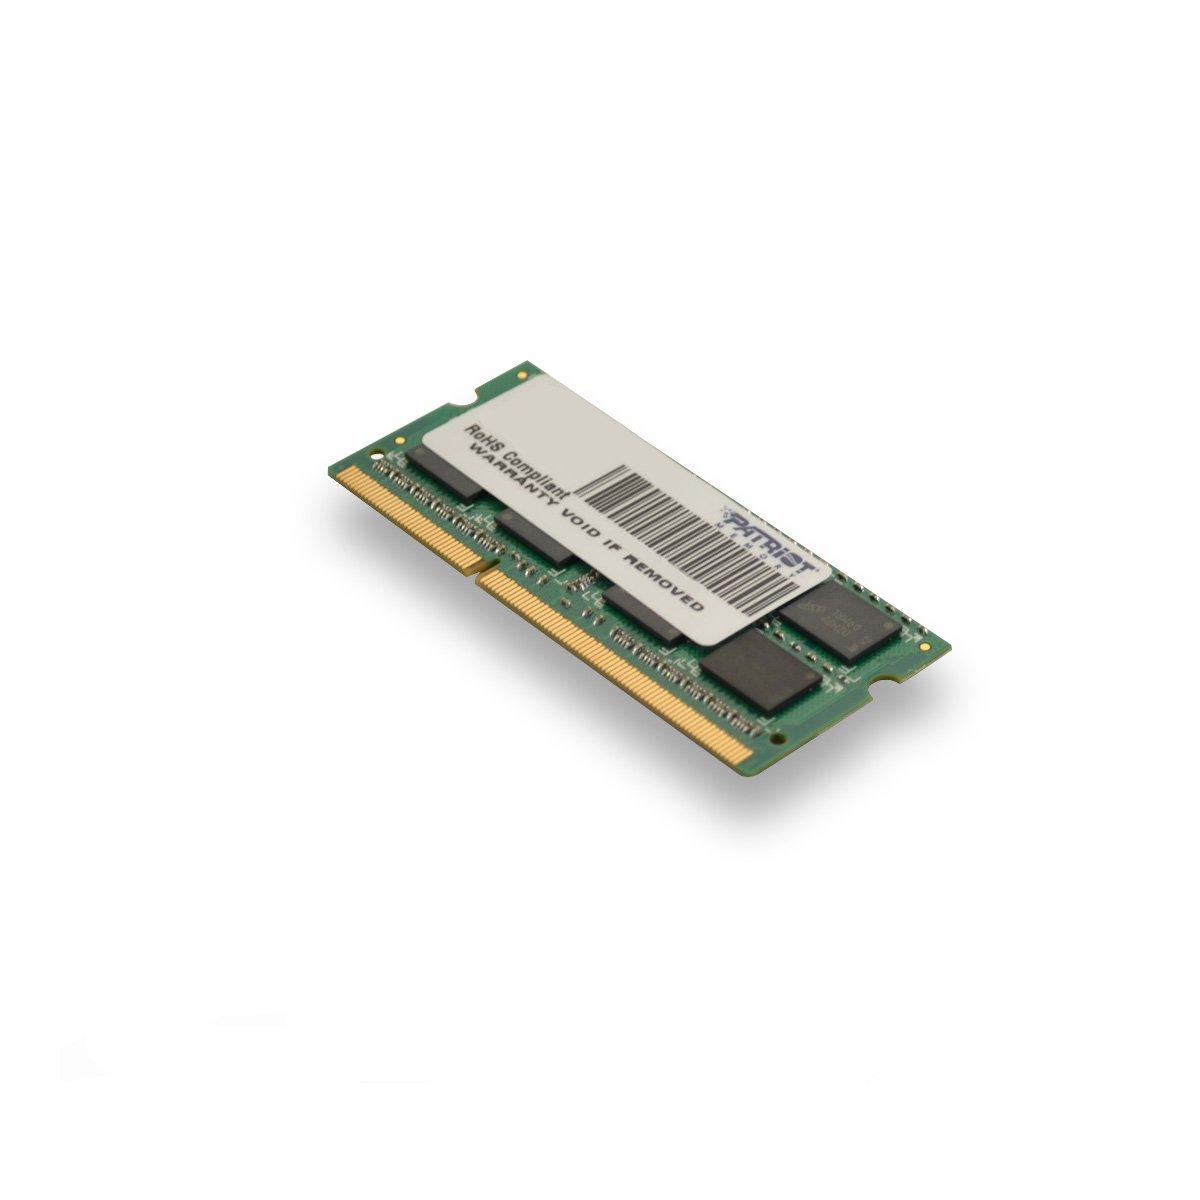 Patriot PSD34G13332S Signature - Módulo de memoria DDR3 SO-DIMM de 4 GB (1333 MHz, CL9): Amazon.es: Informática